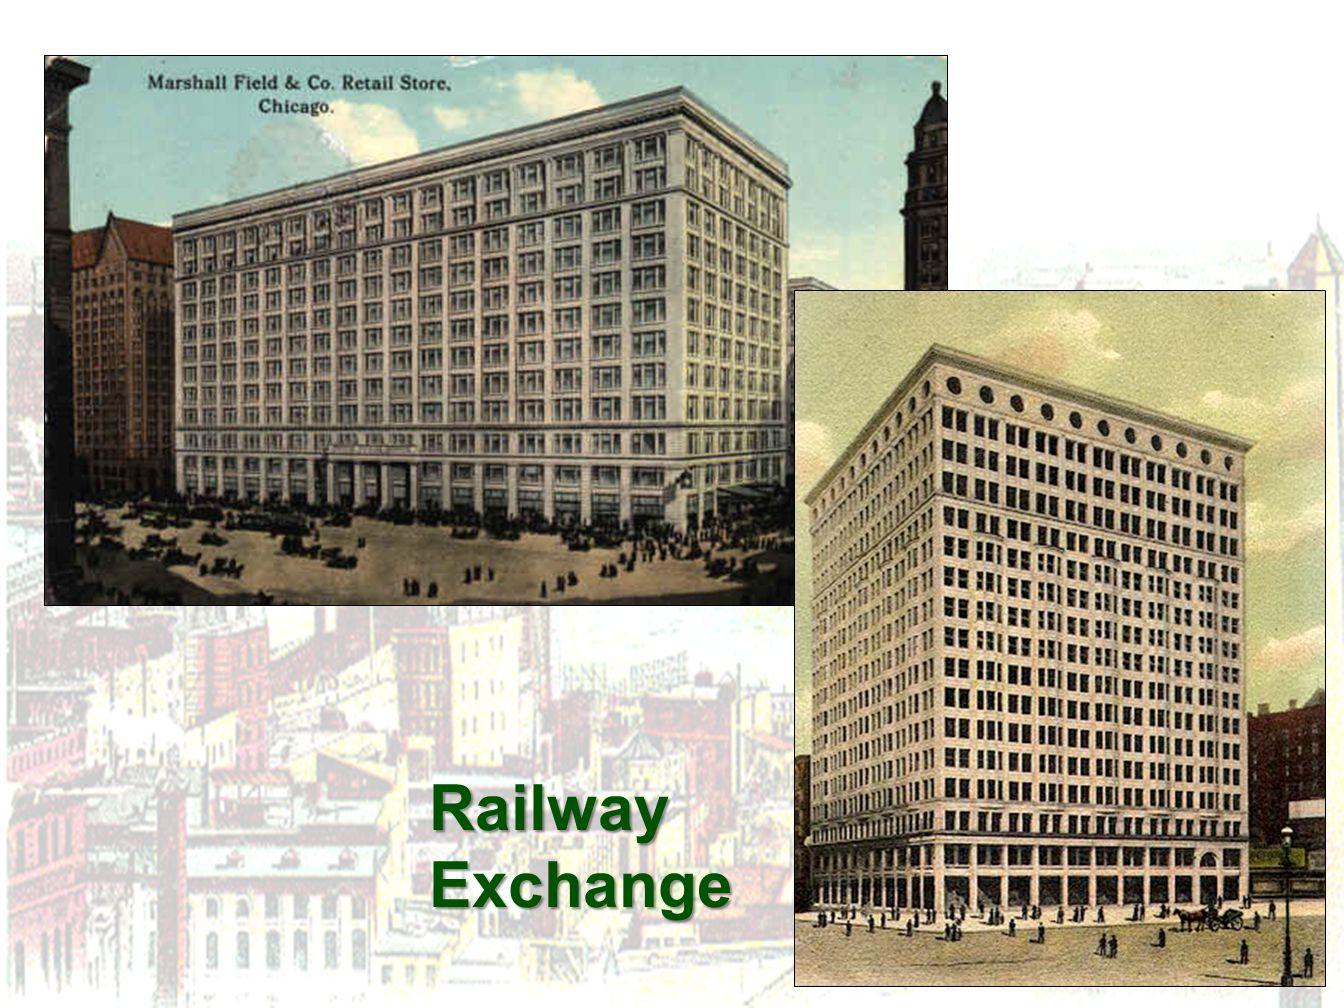 Railway Exchange